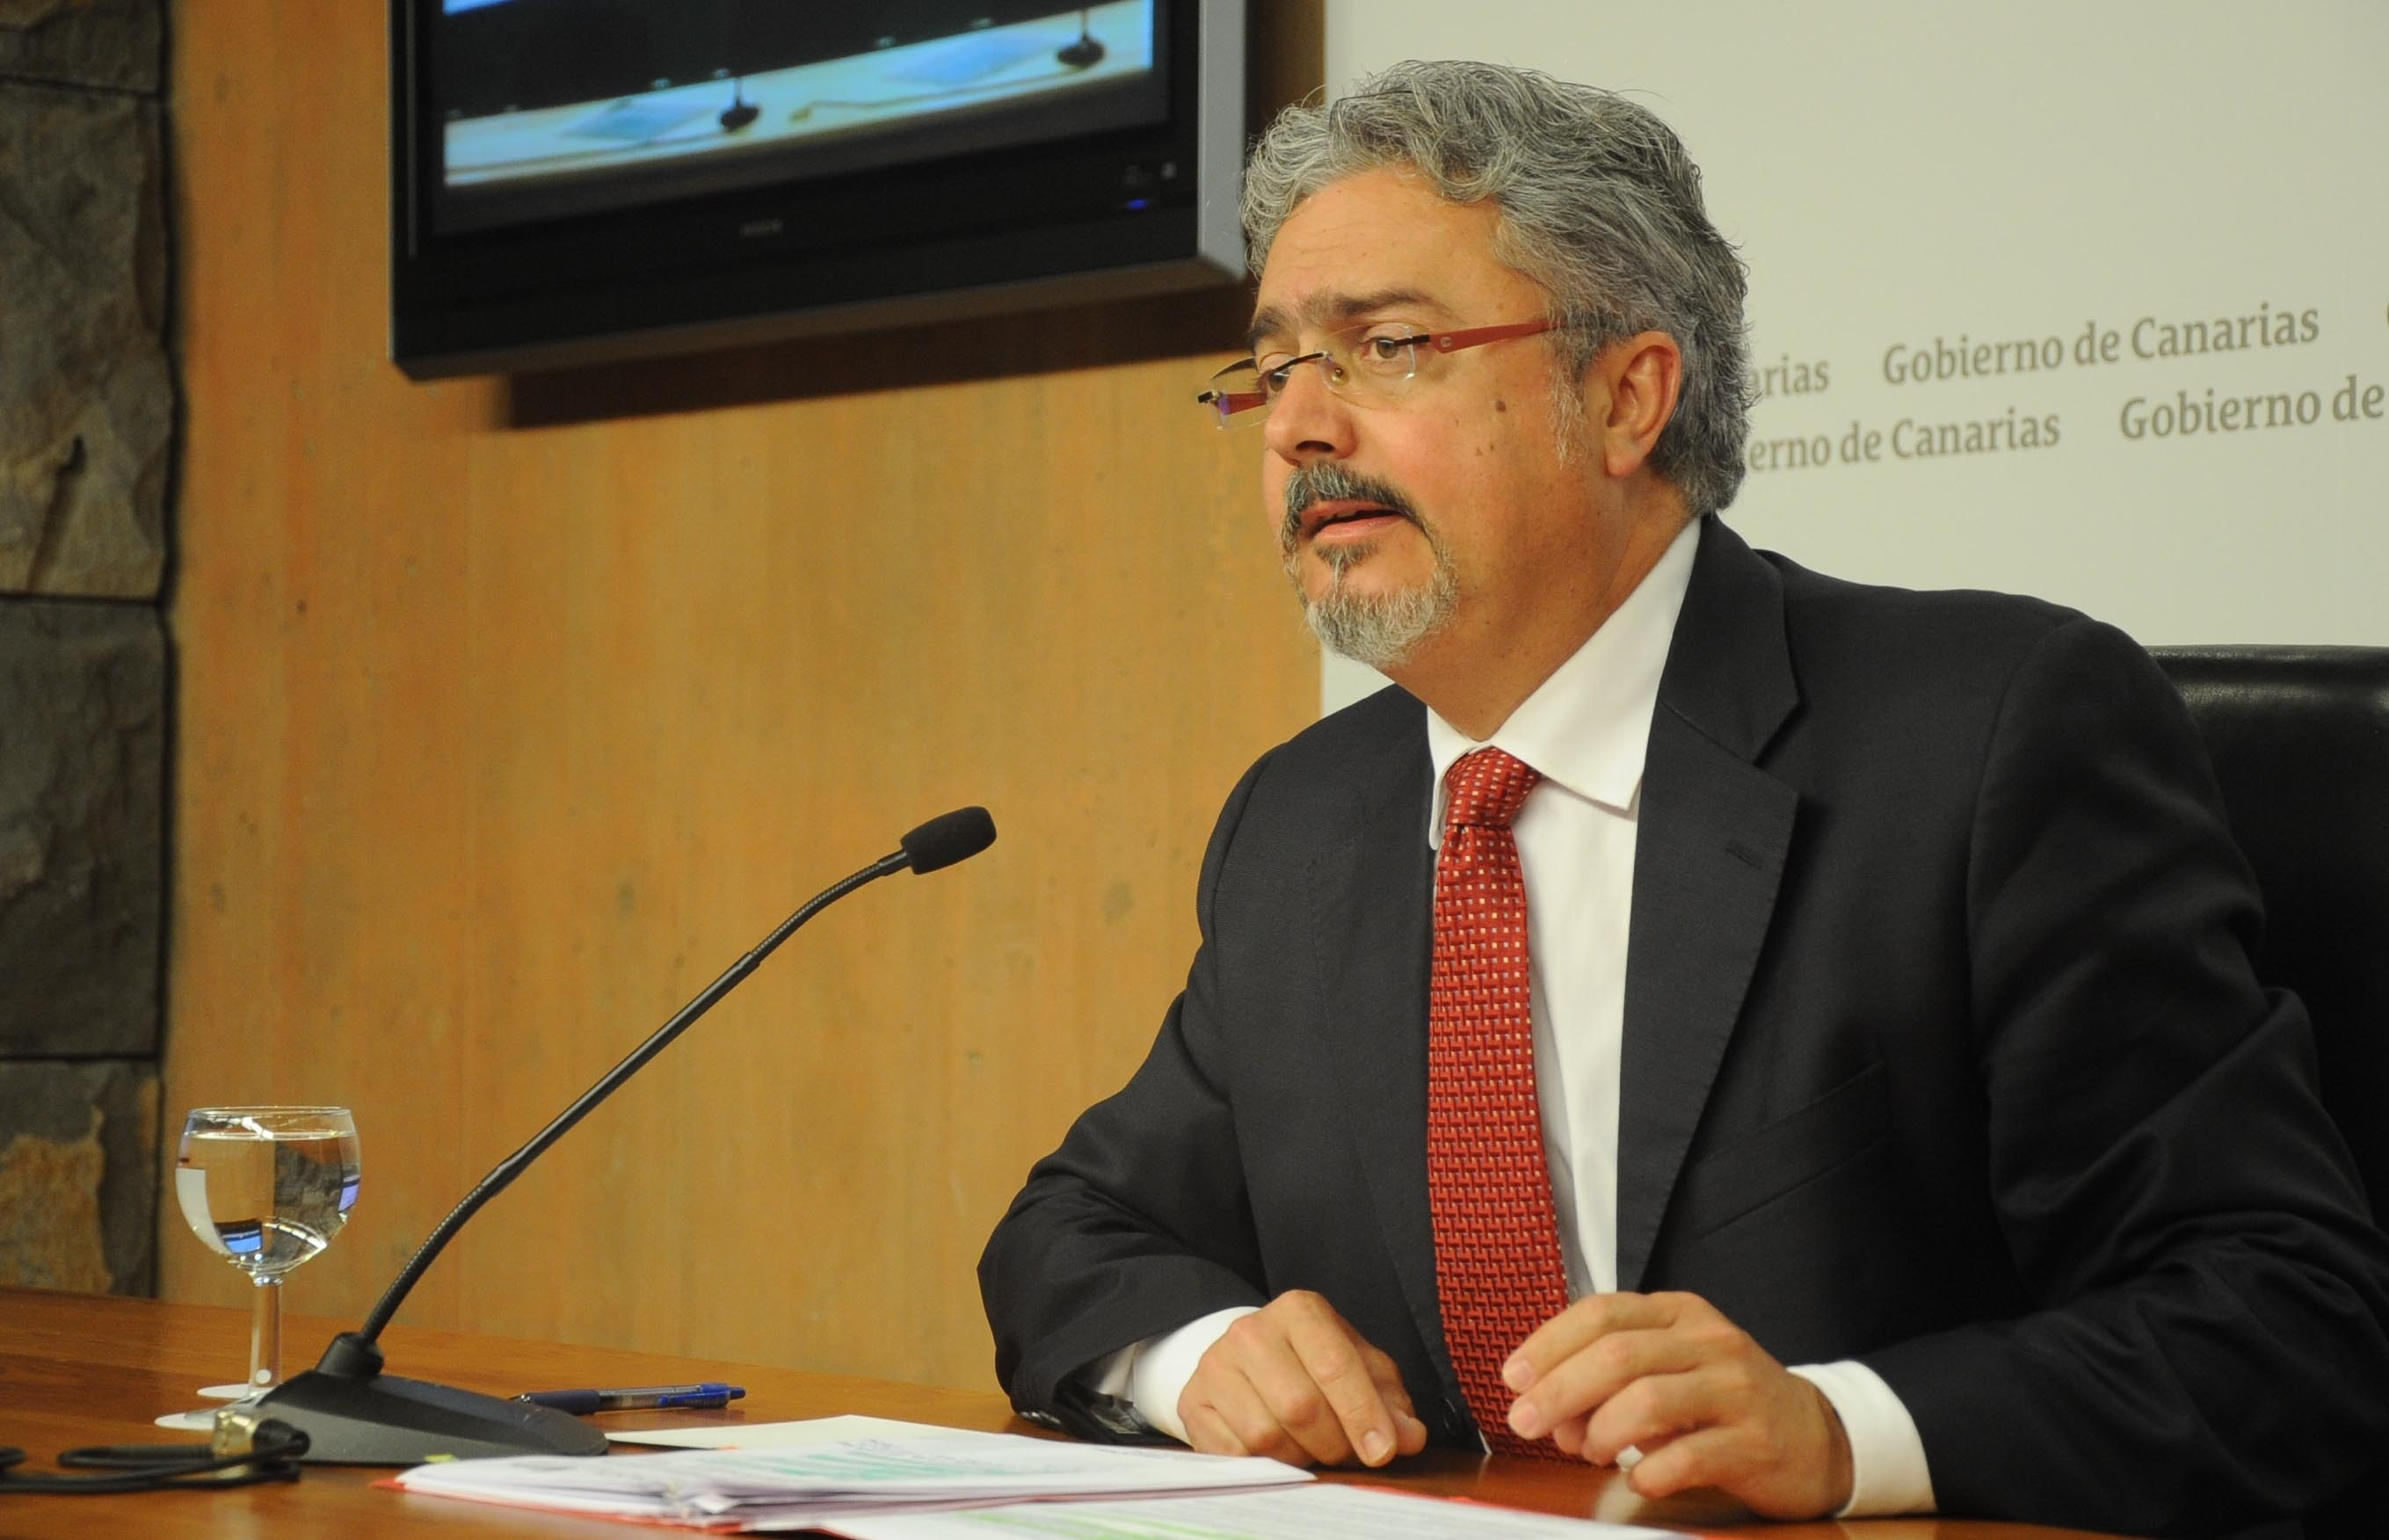 Canarias advierte de que el actual sistema de financiación aumenta la «brecha» entre CCAA